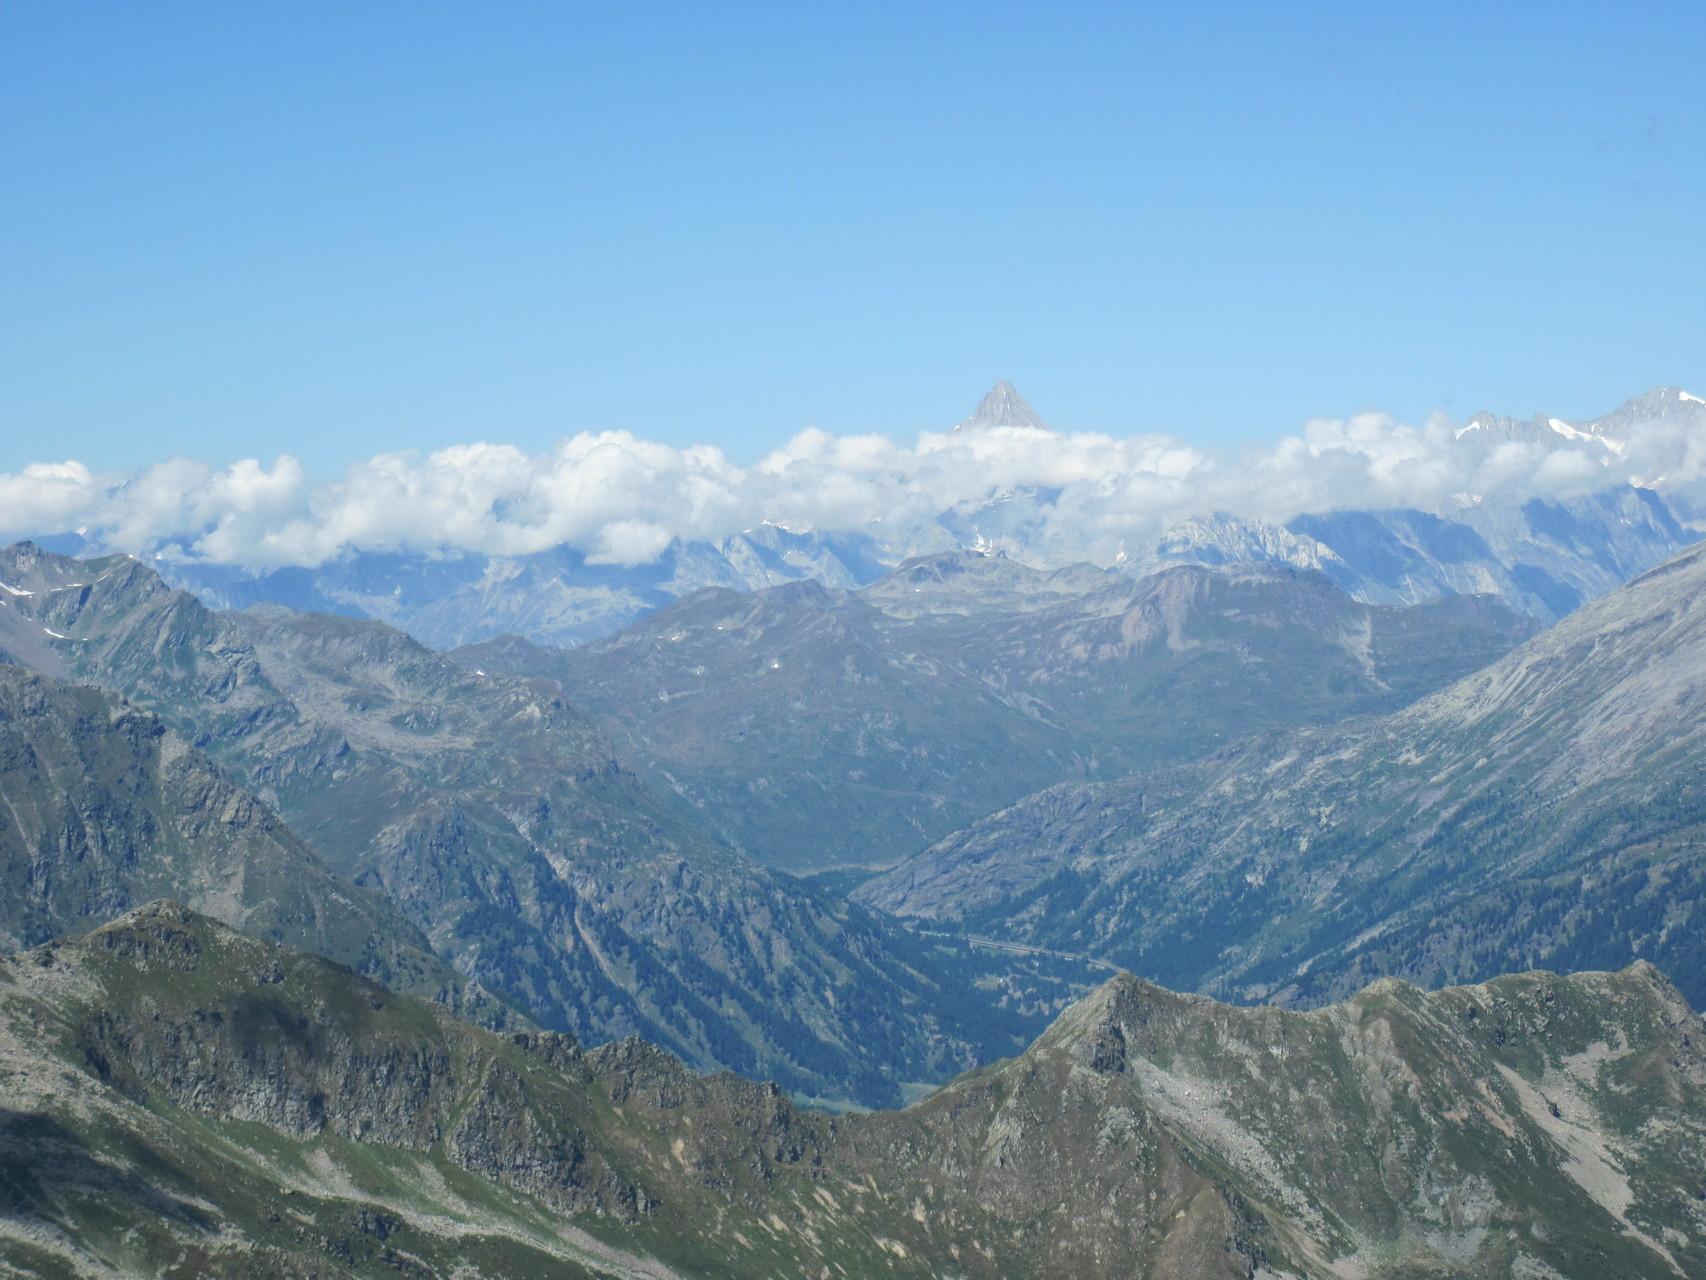 Ausblick vom Straciugo zur Simplonregion und zum Bietschhorn